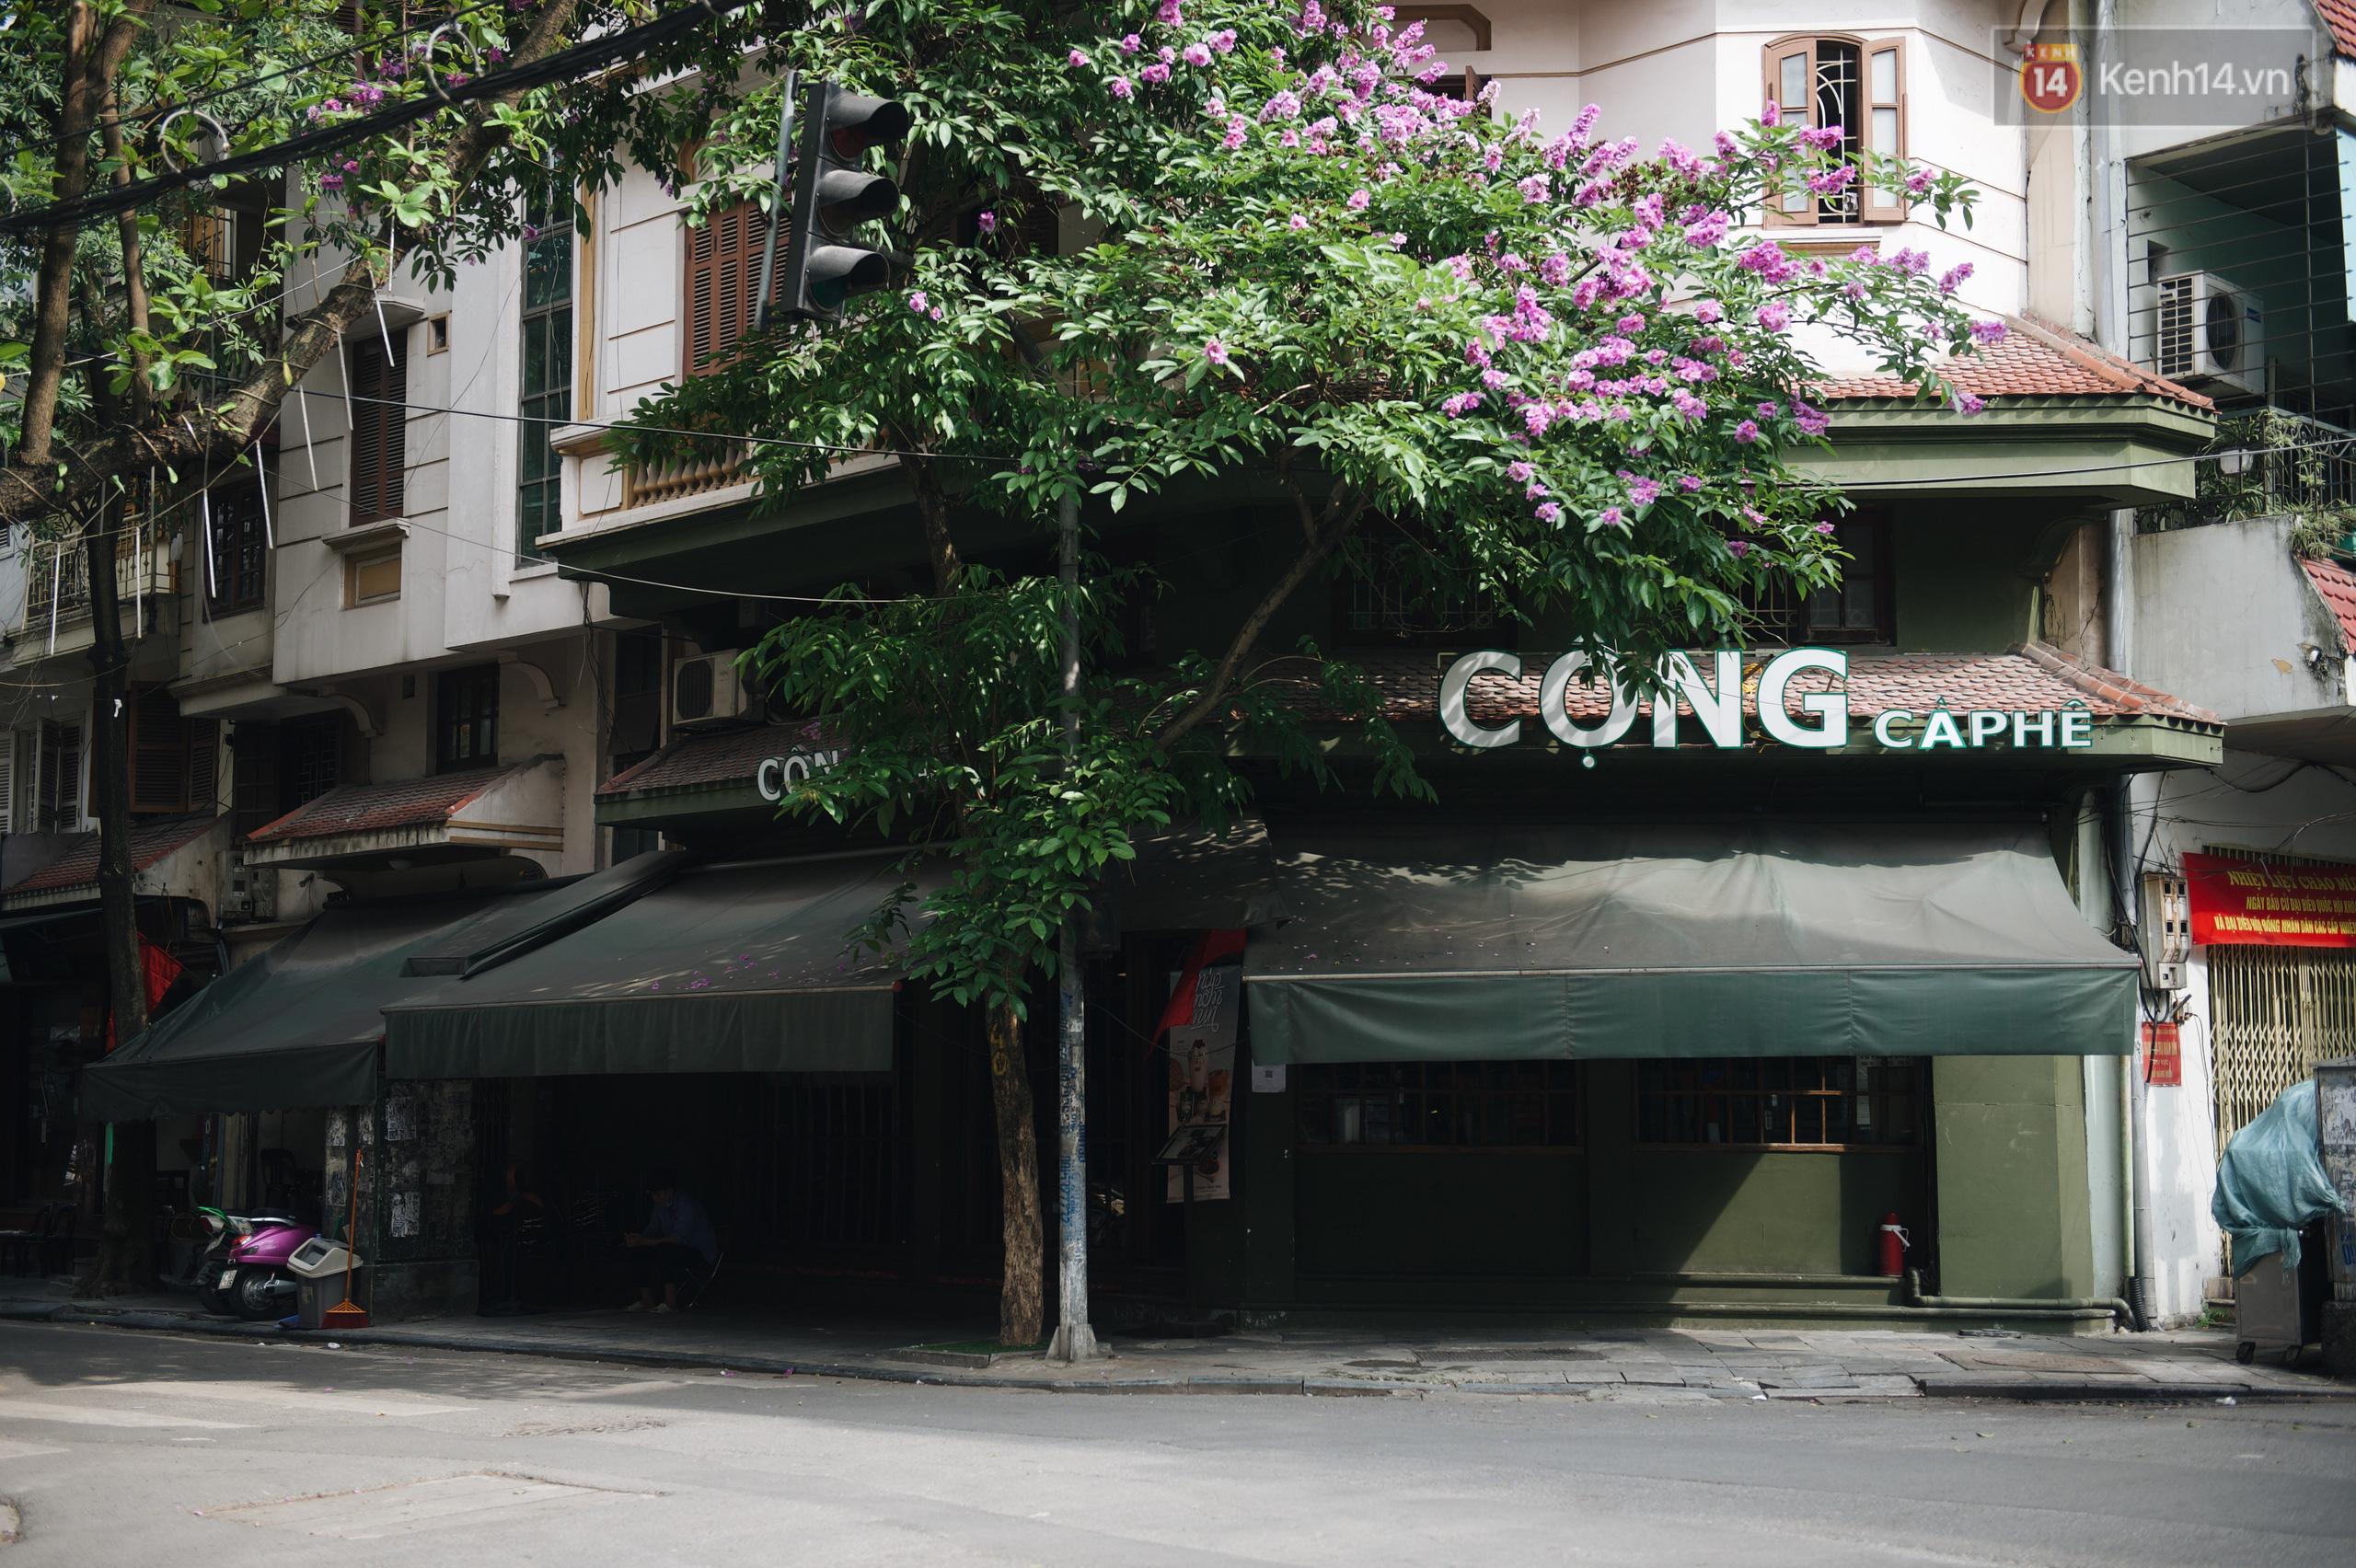 Phố xá Hà Nội ngày đầu toàn dân đi làm trở lại: Lác đác hàng ăn sáng mở cửa, cà phê hiếm bóng người - Ảnh 12.